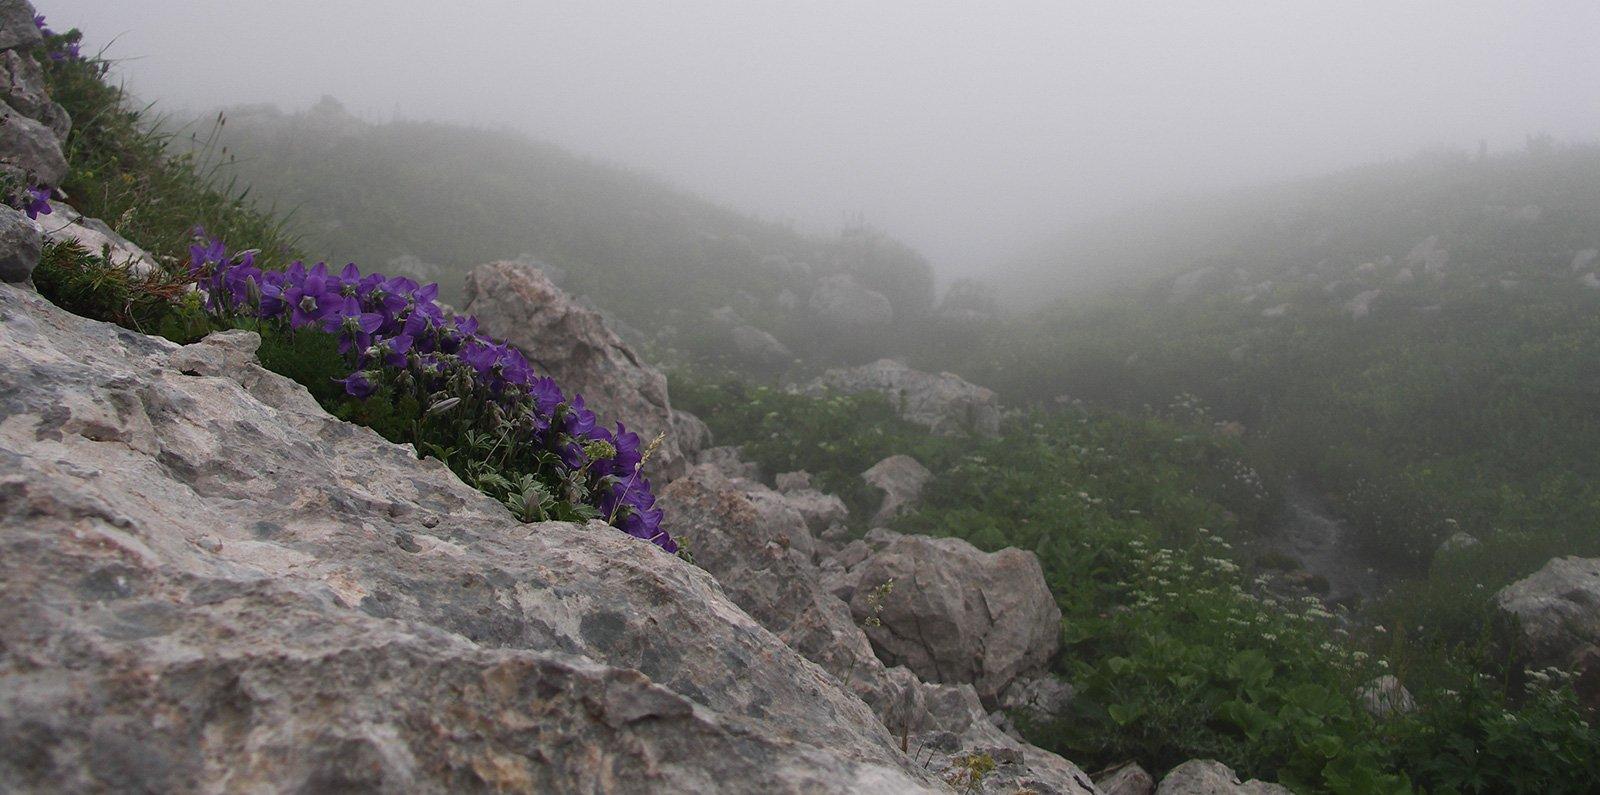 <s>Ежик</s> фиалки в тумане